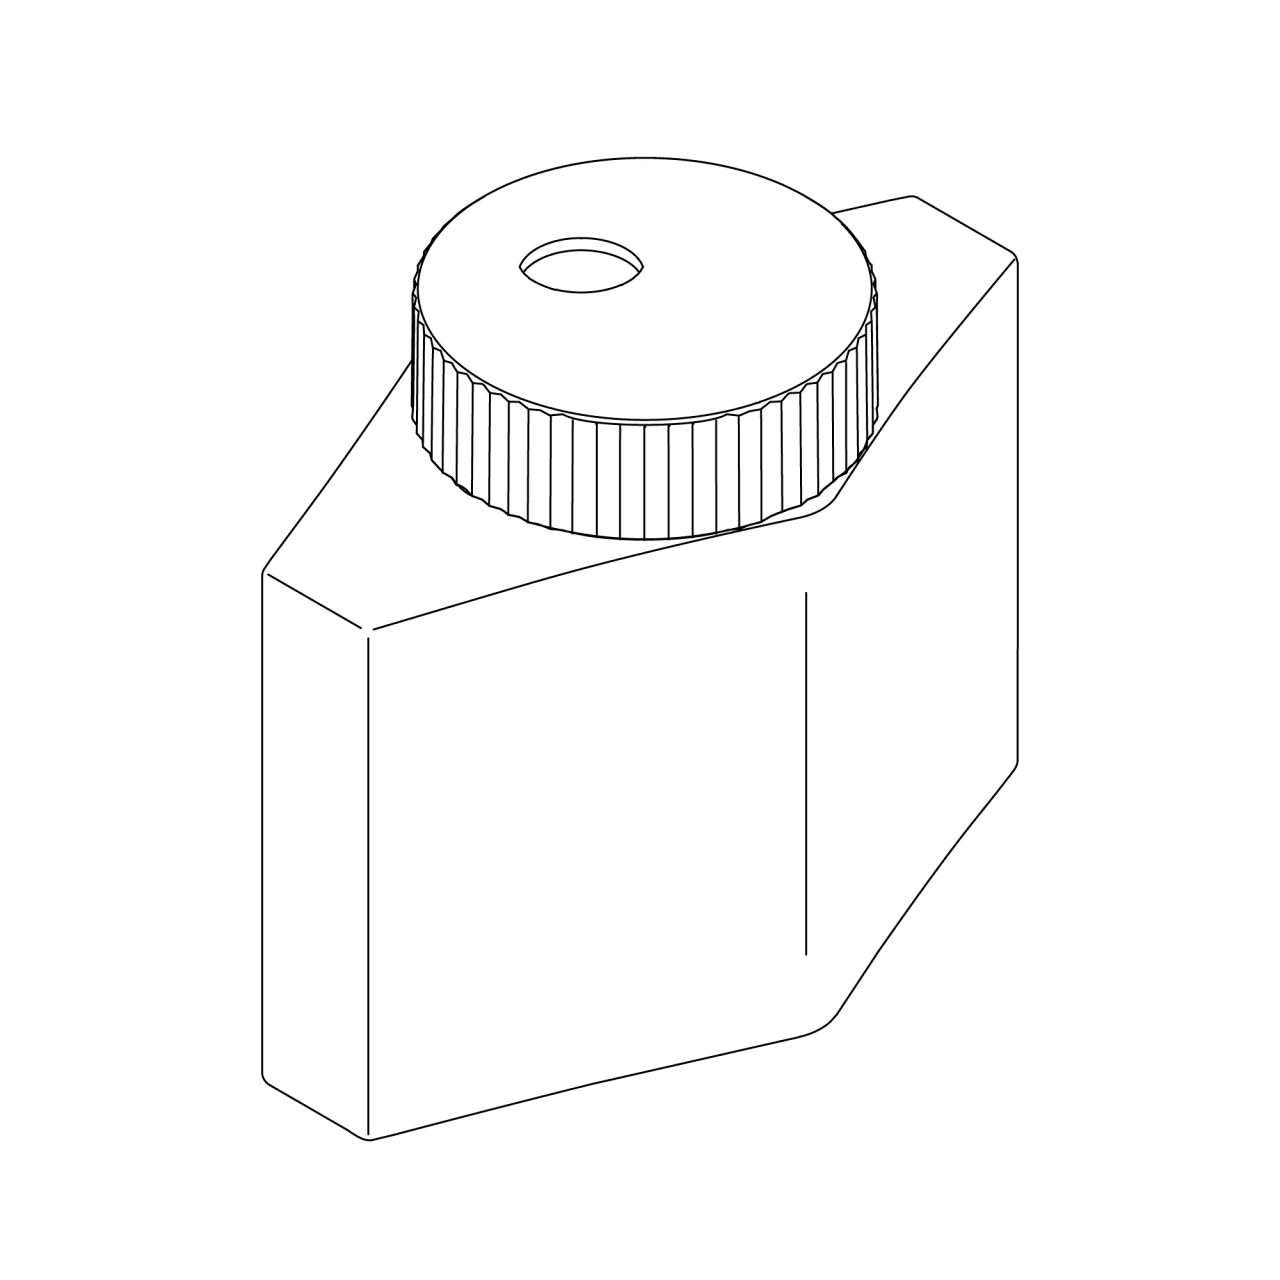 Gewürzglas für funktionale Prismen